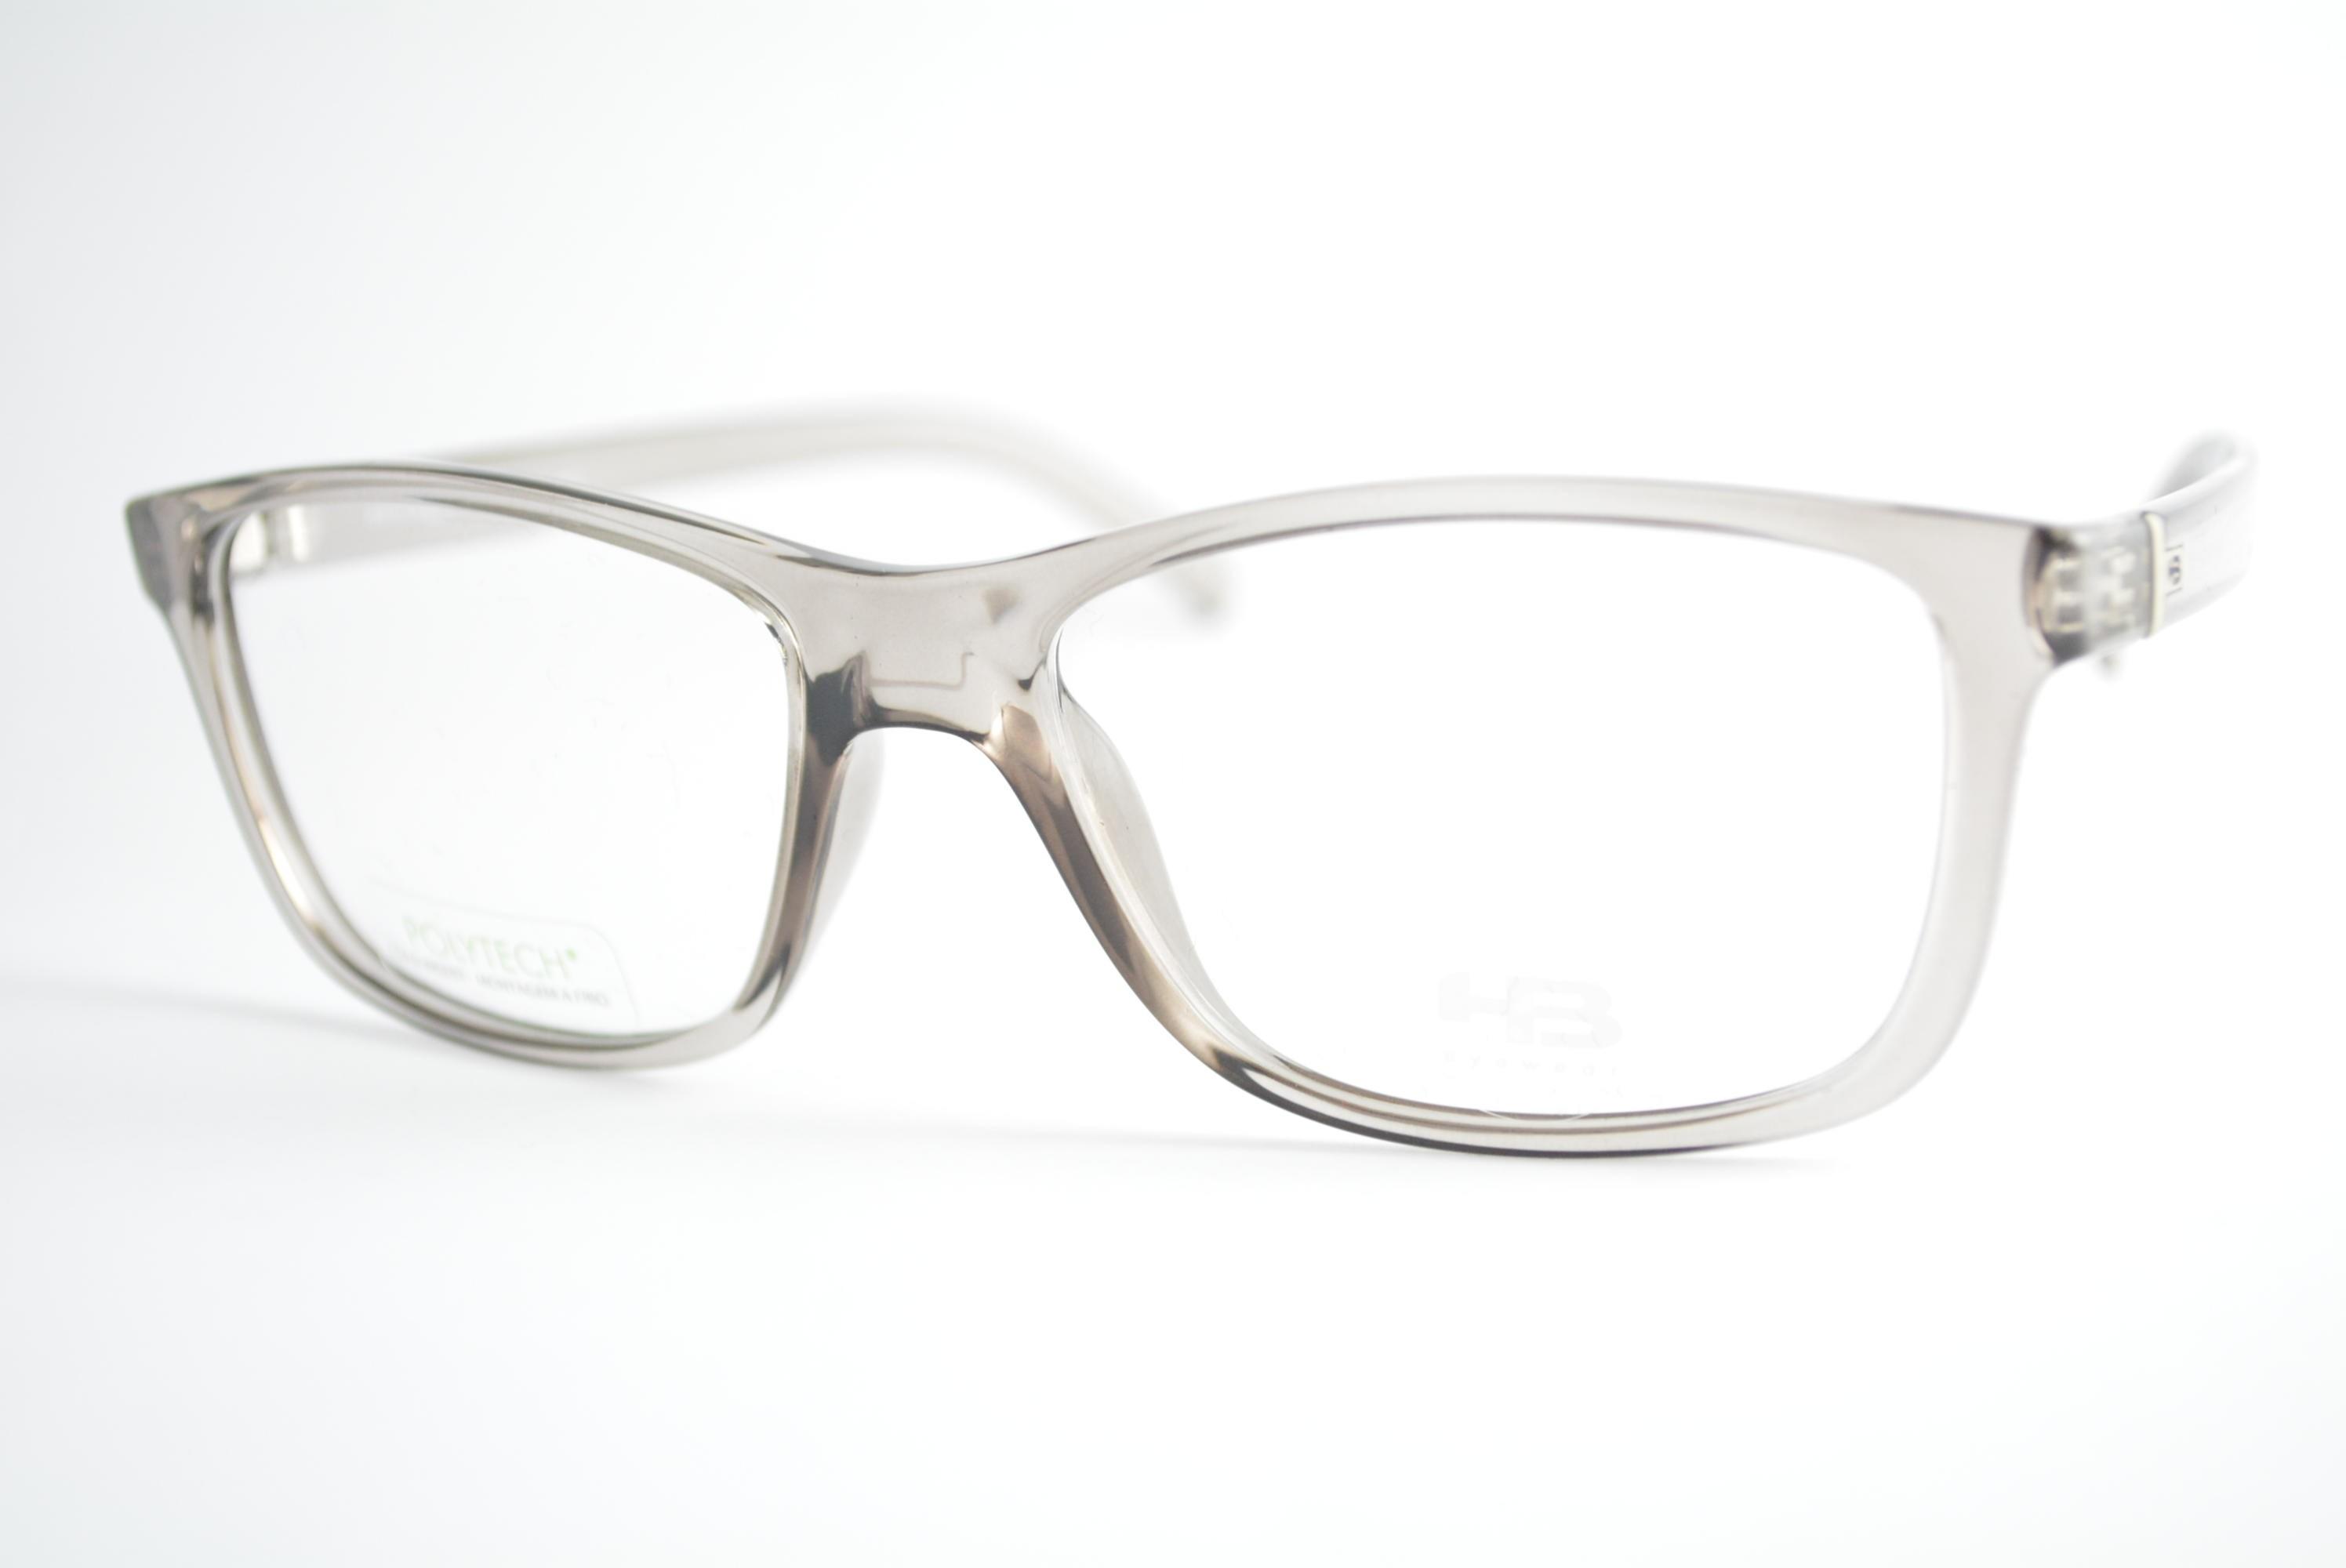 armação de óculos HB mod m93104 ca08